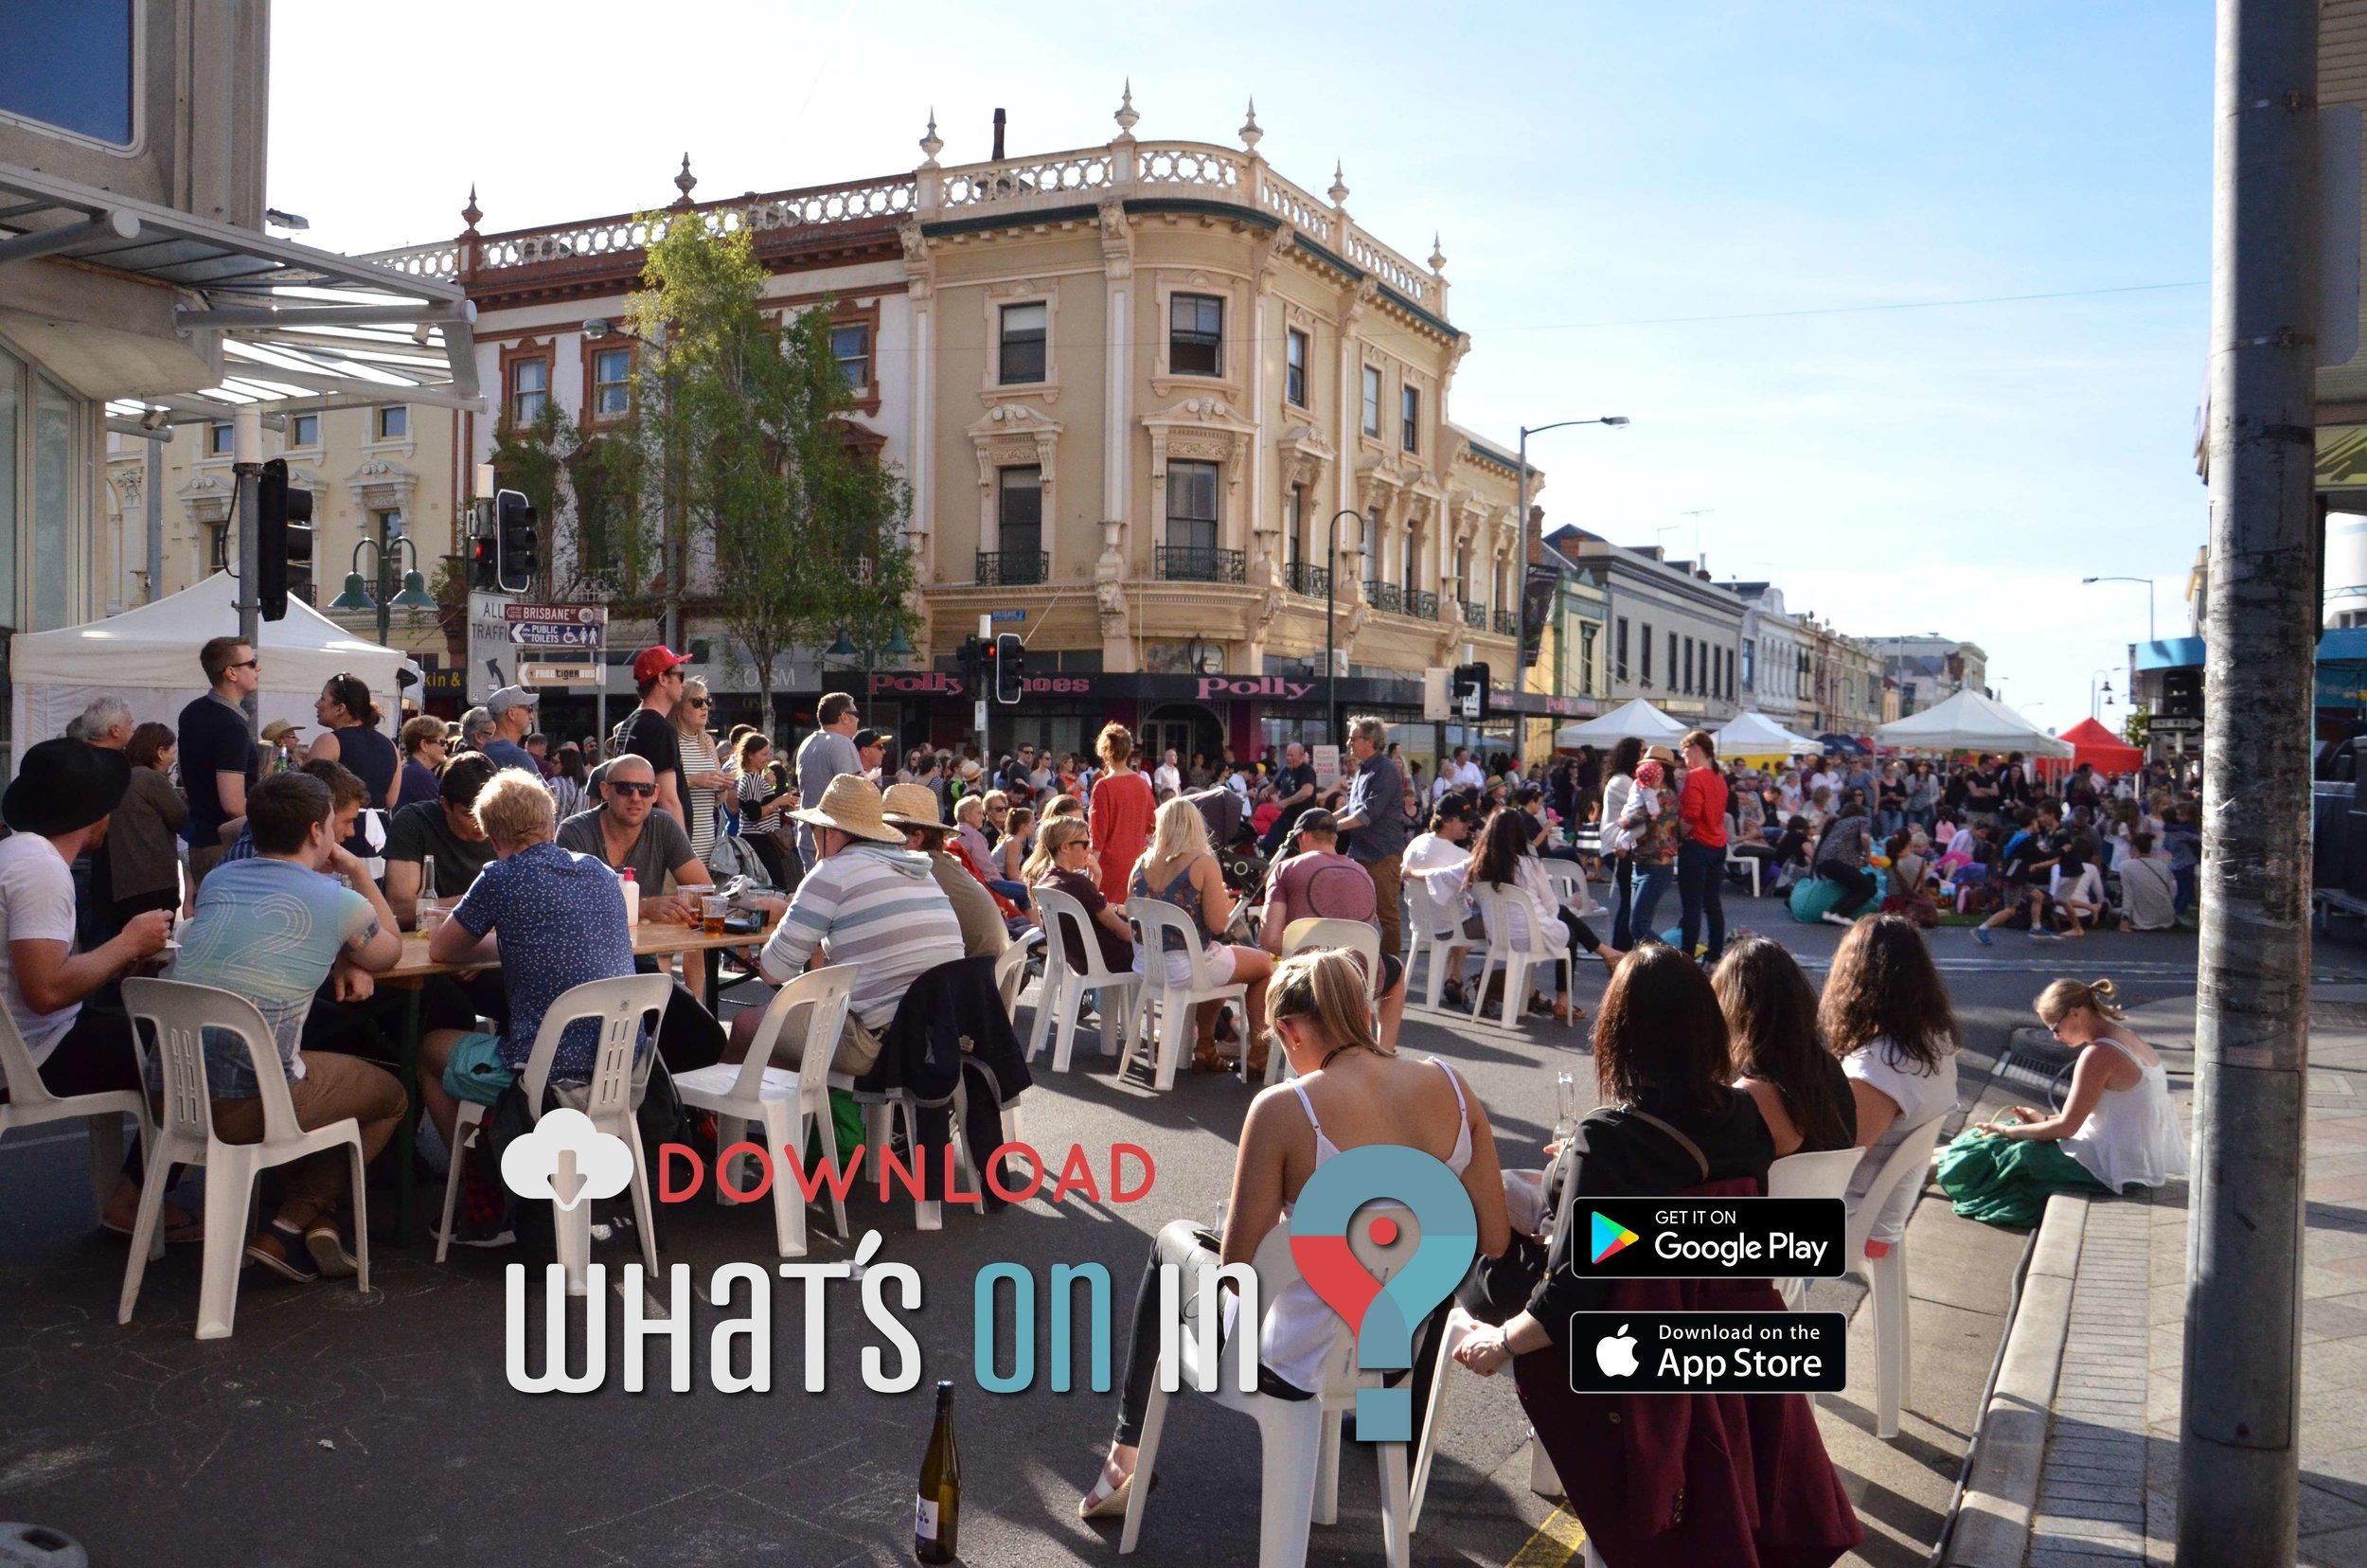 Fiesta on George Festival, Launceston, Tasmania 2016 - What's On In App 006 DSC_7277.jpg